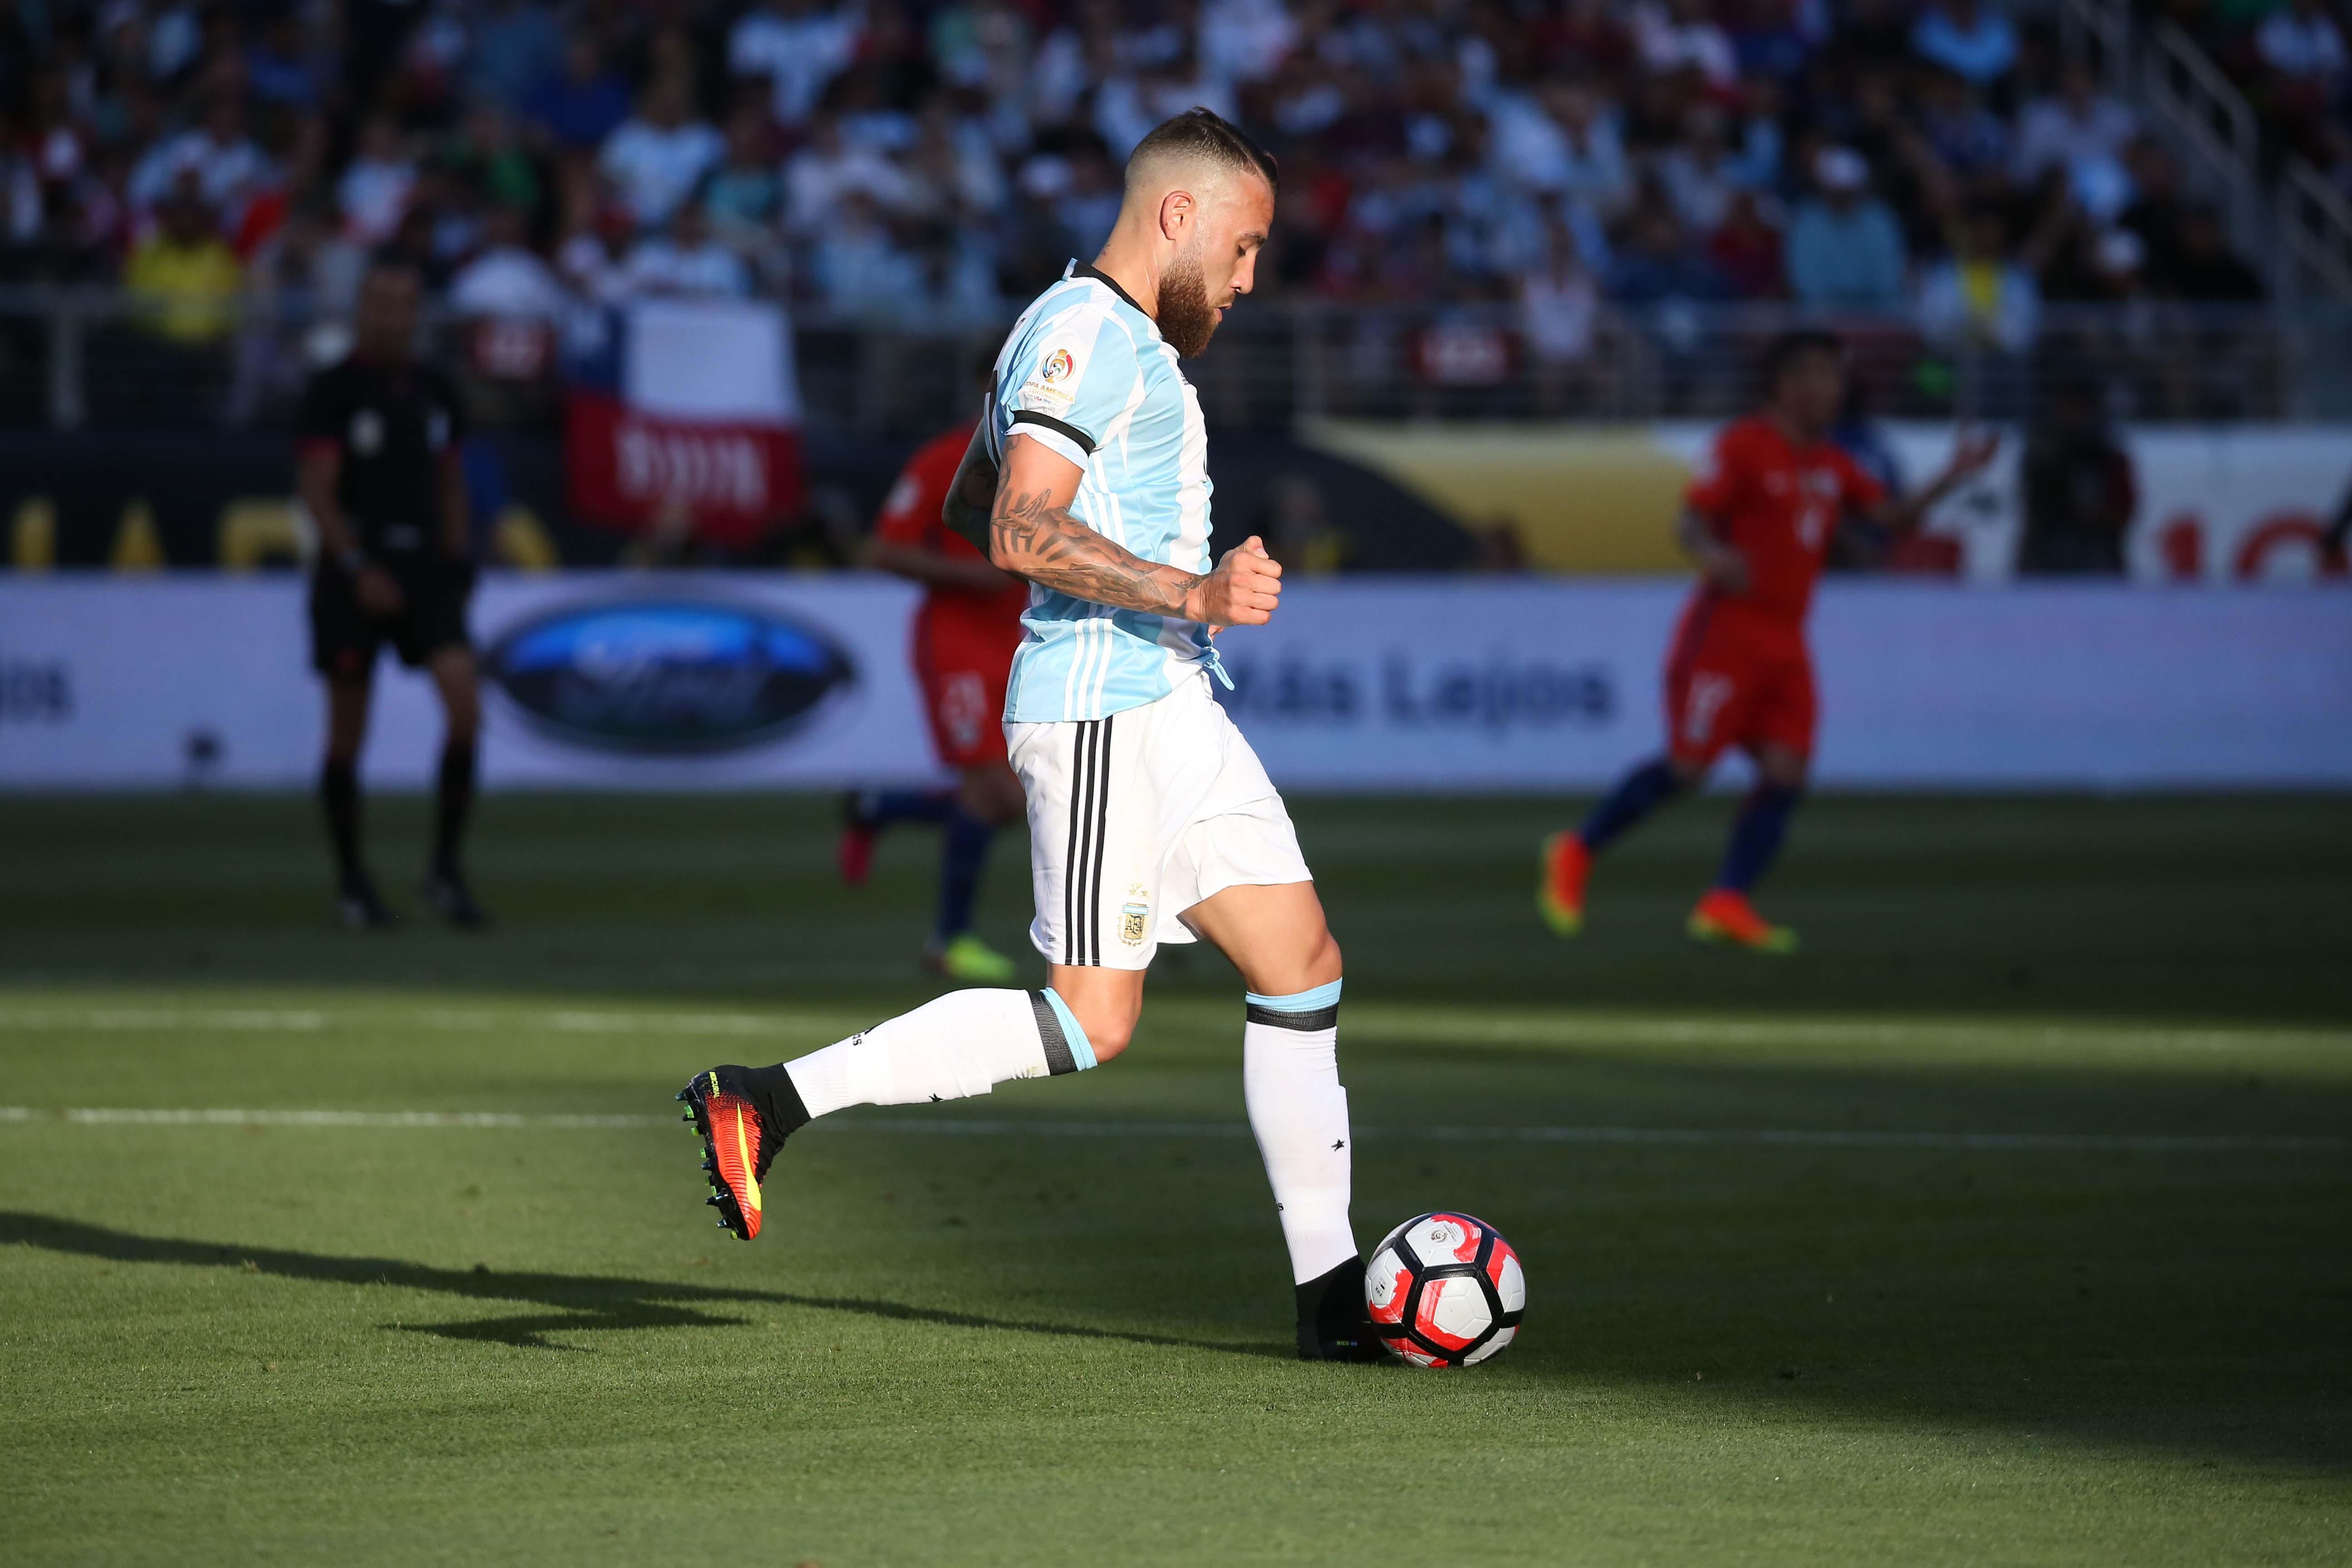 Copa-Match-2-34